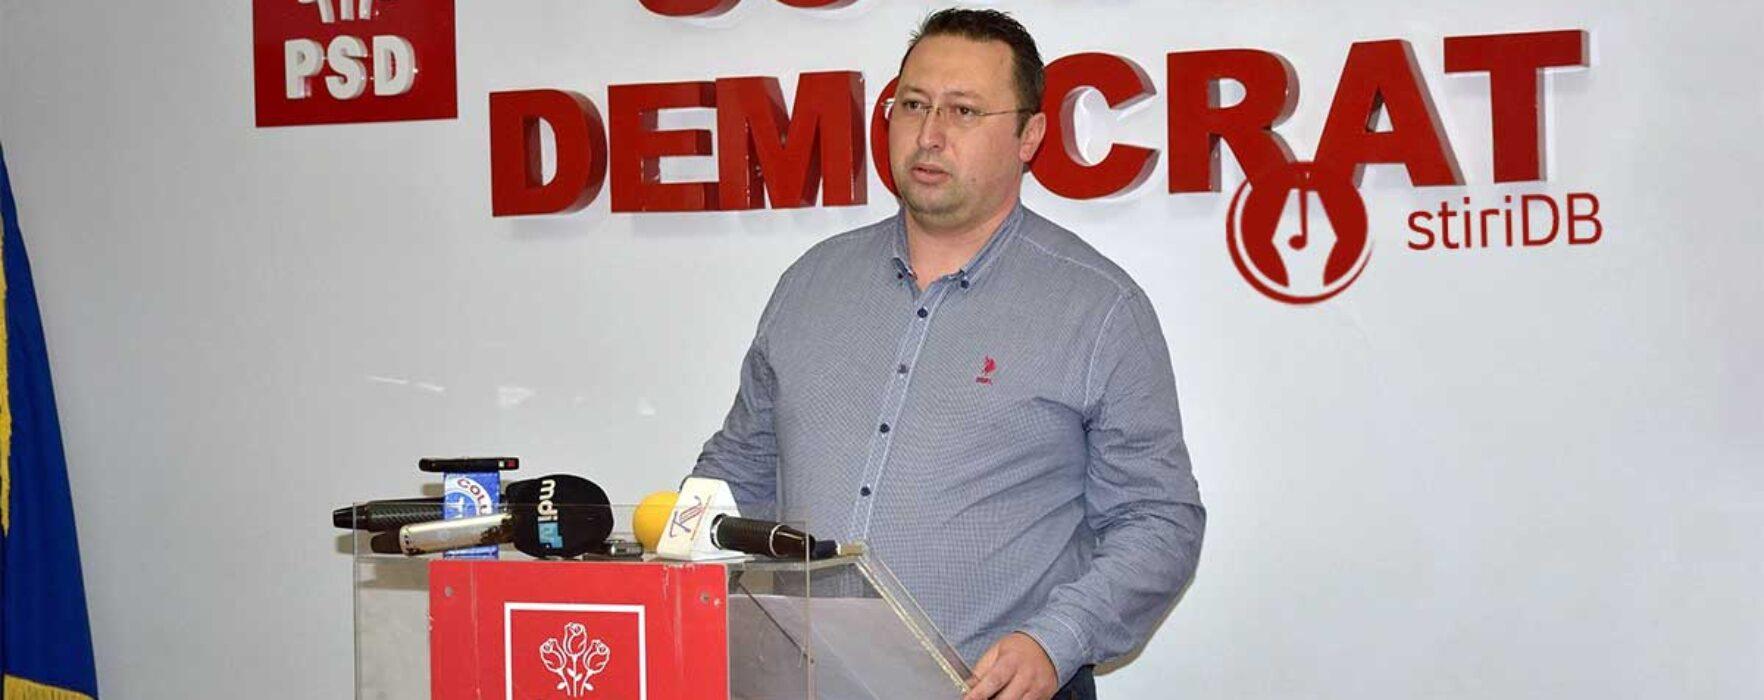 Primarul PSD din Pucioasa: E timpul să eliberăm judeţul de famiglia Plumb!